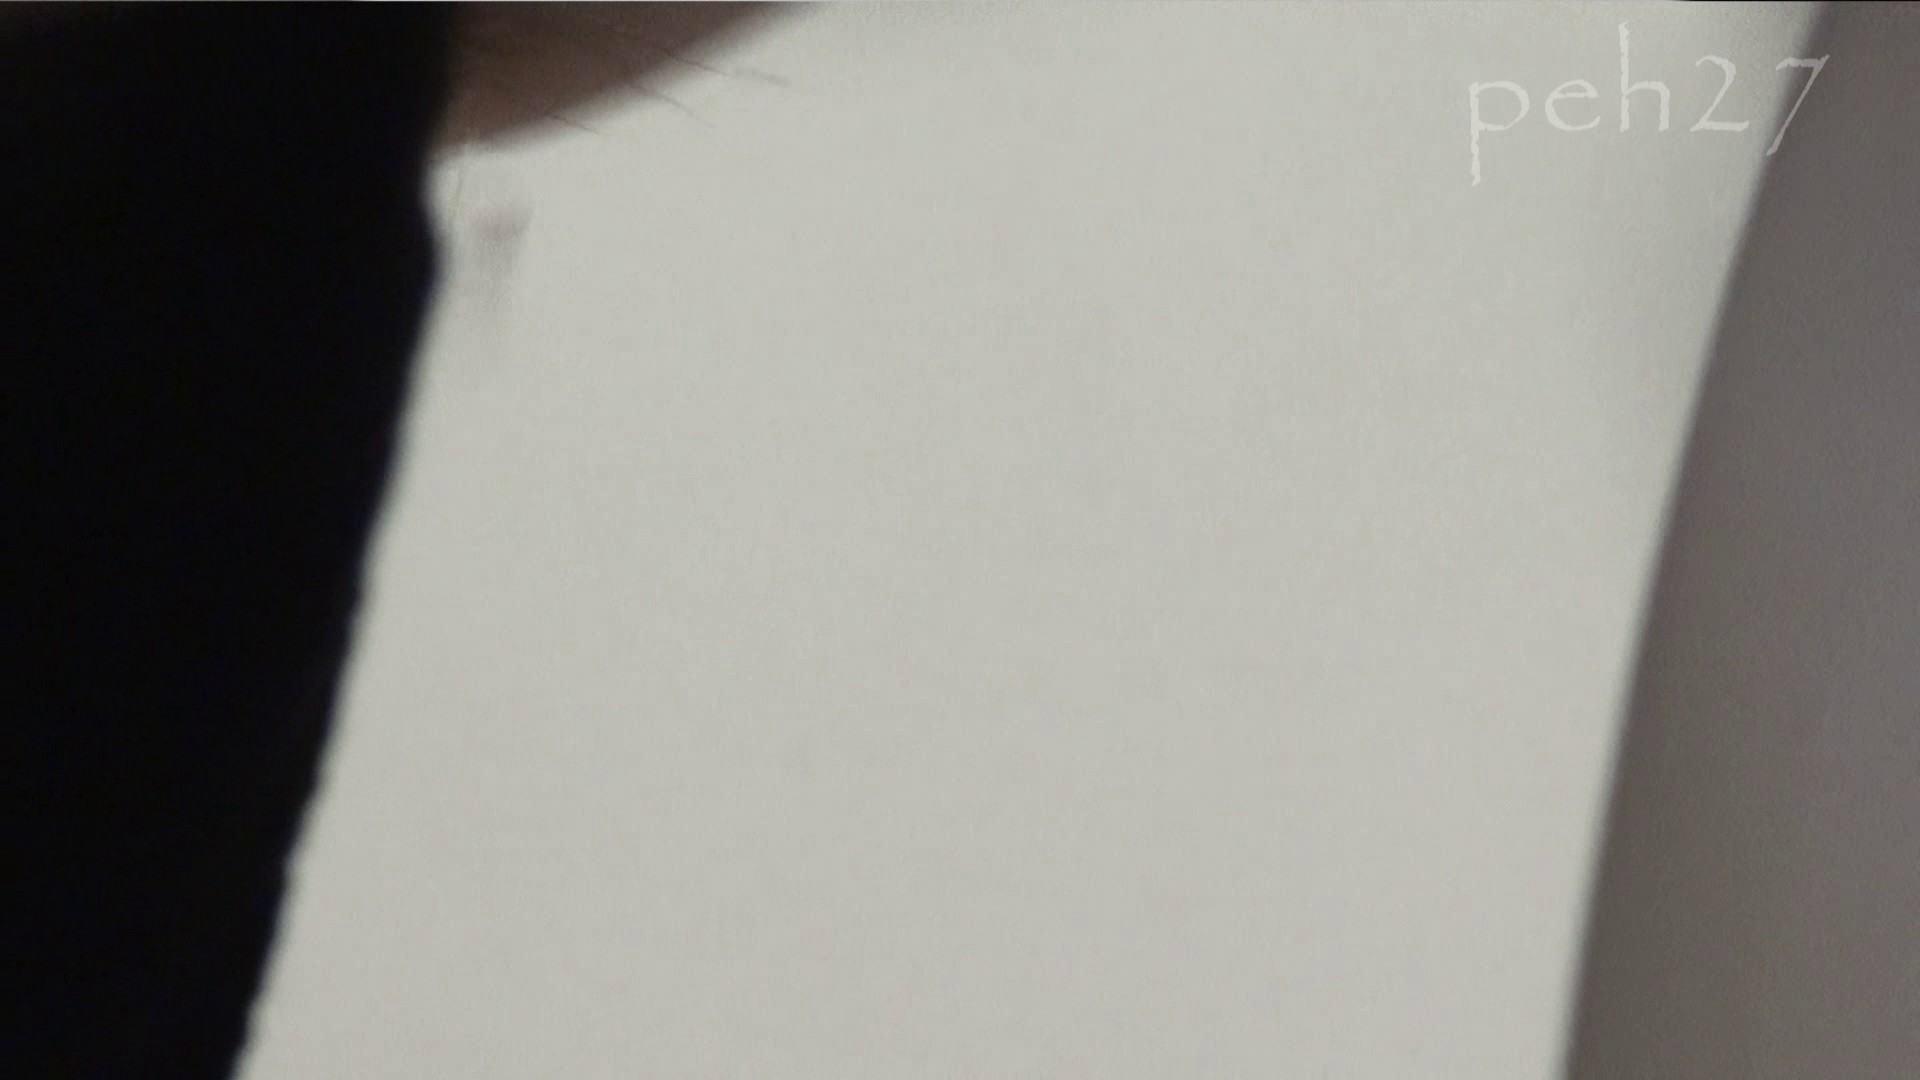 ※100個限定販売 至高下半身盗撮 プレミアム Vol.27 ハイビジョン ギャル攻め オマンコ無修正動画無料 103画像 37